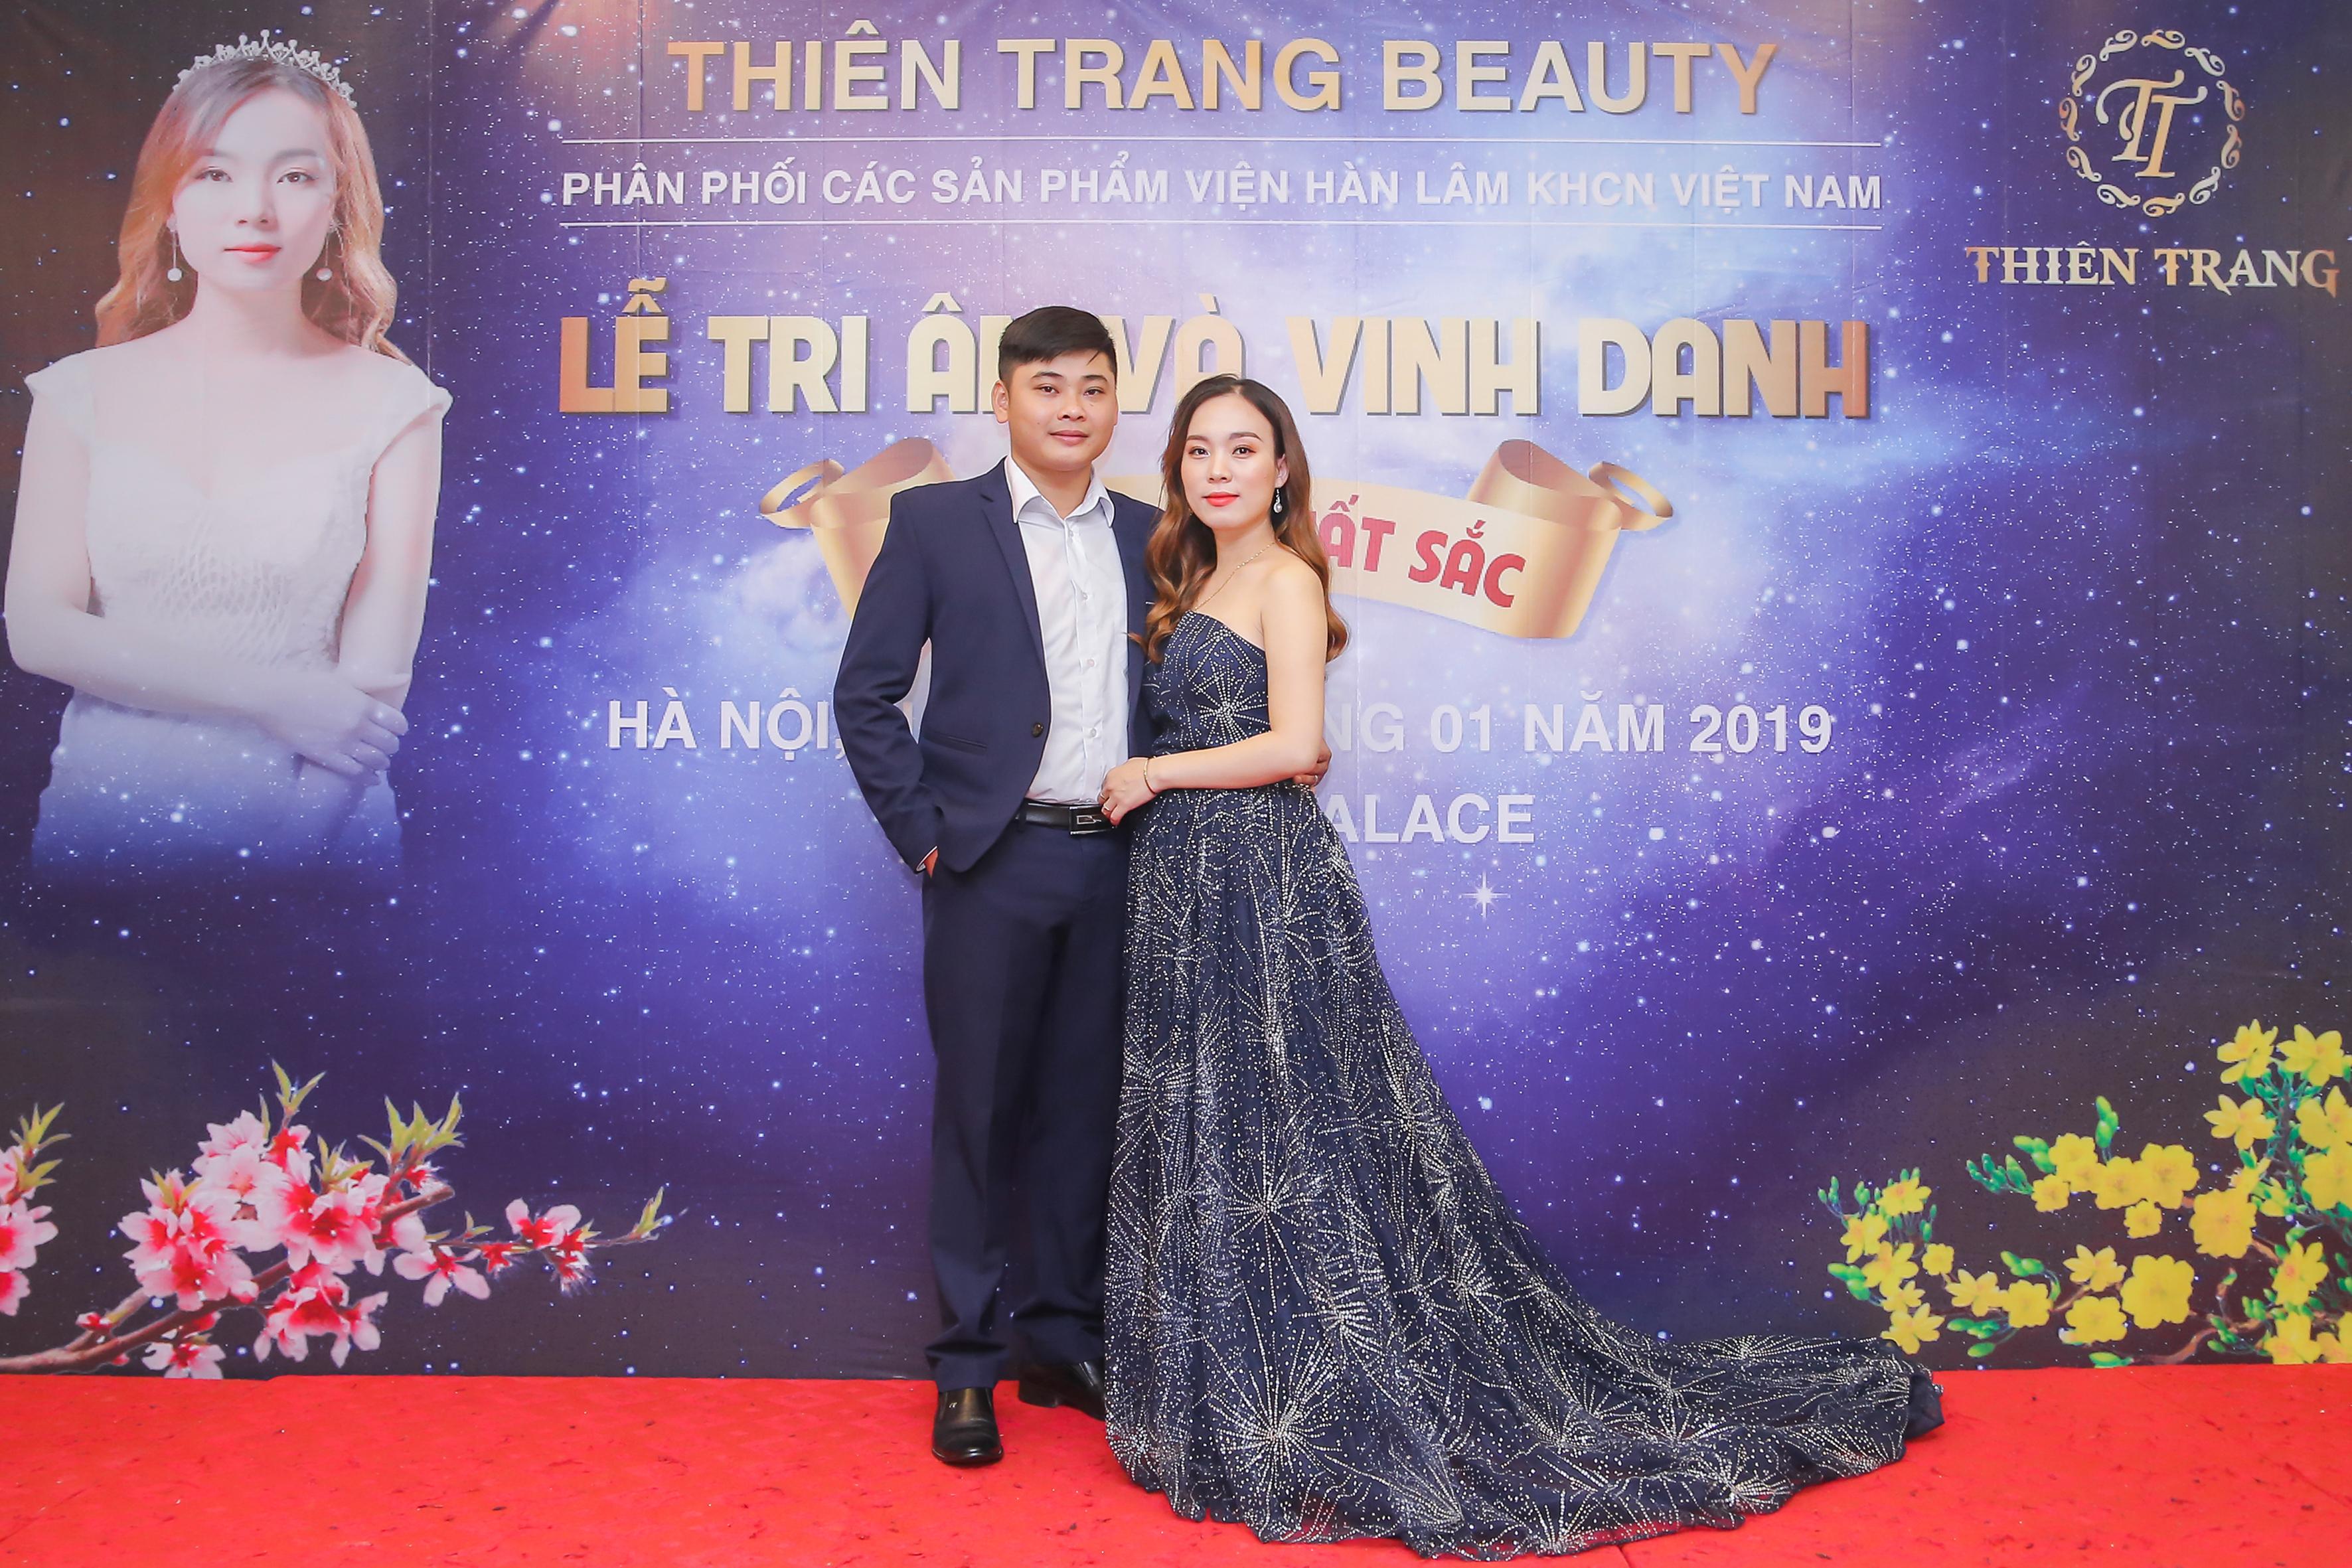 Giám đốc Thiên Trang e lệ cùng ông xã